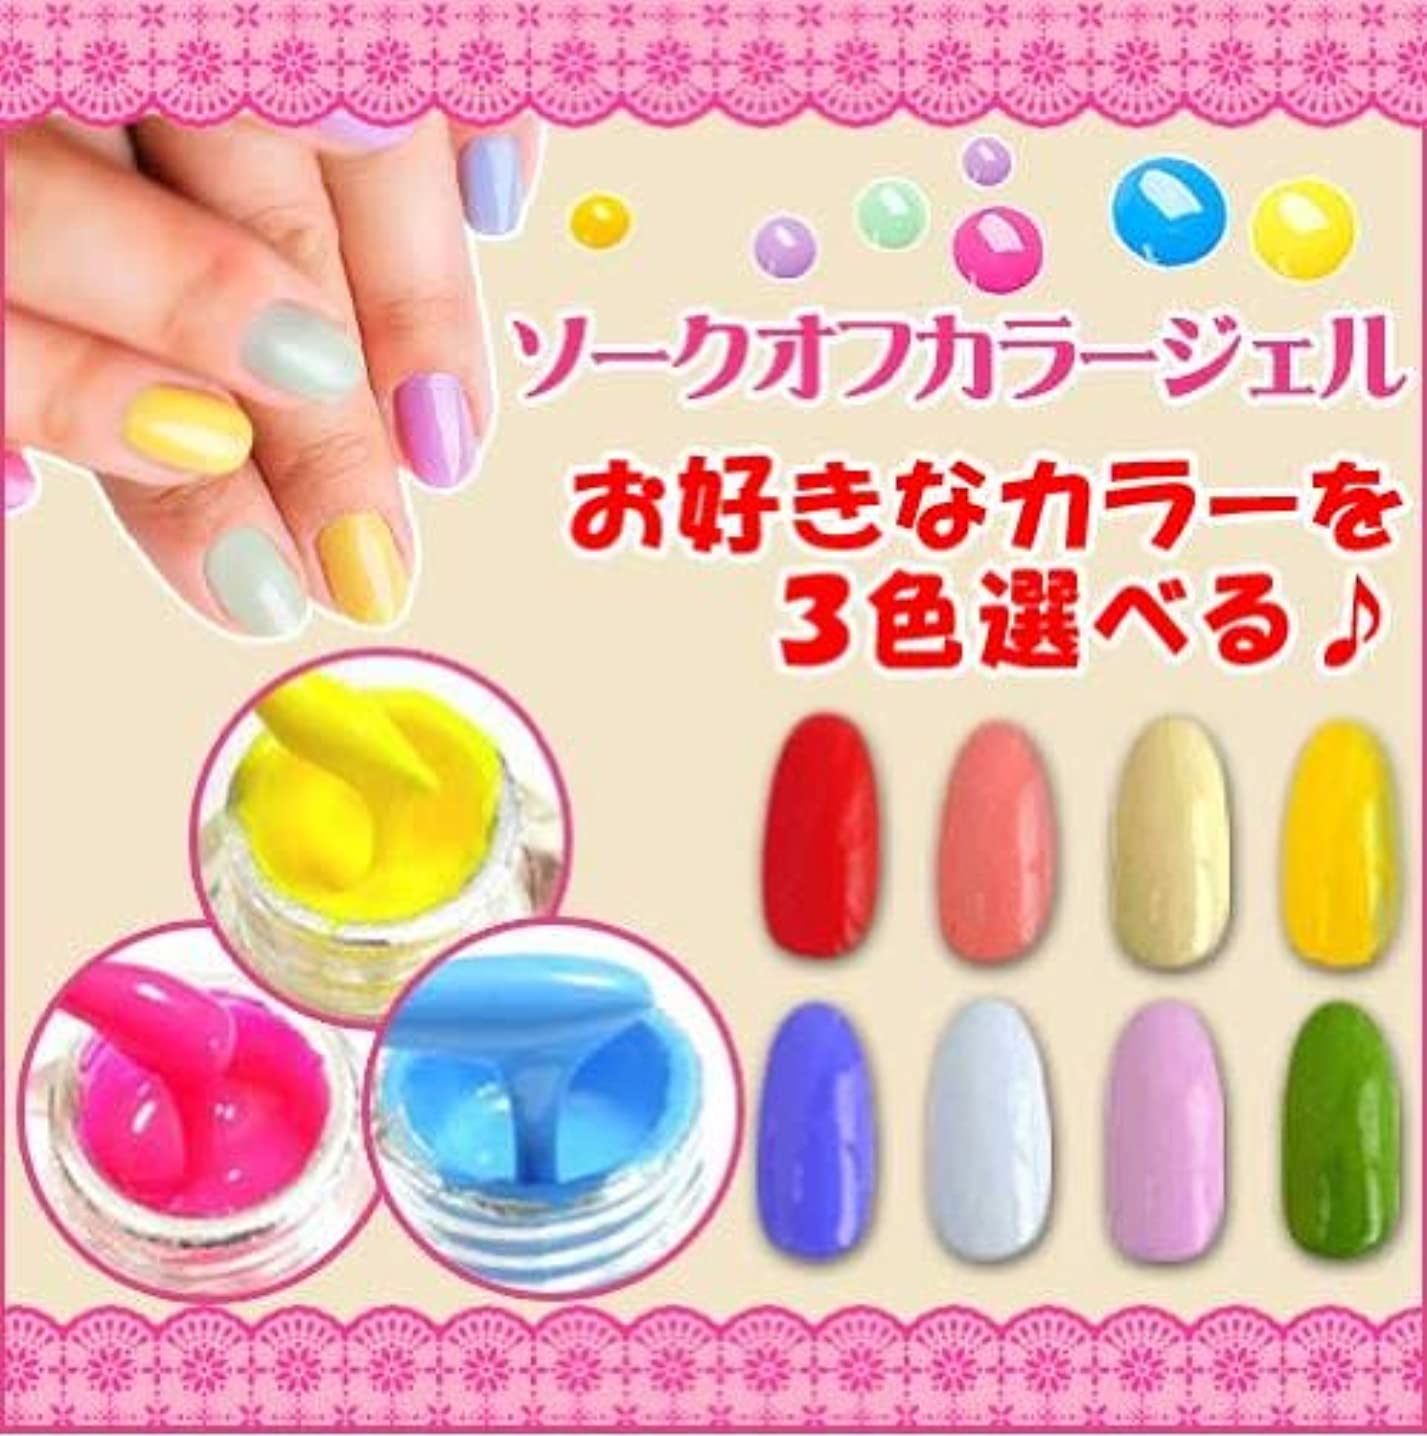 【好きなカラーが選べる?】カラージェル3色セット☆発色抜群